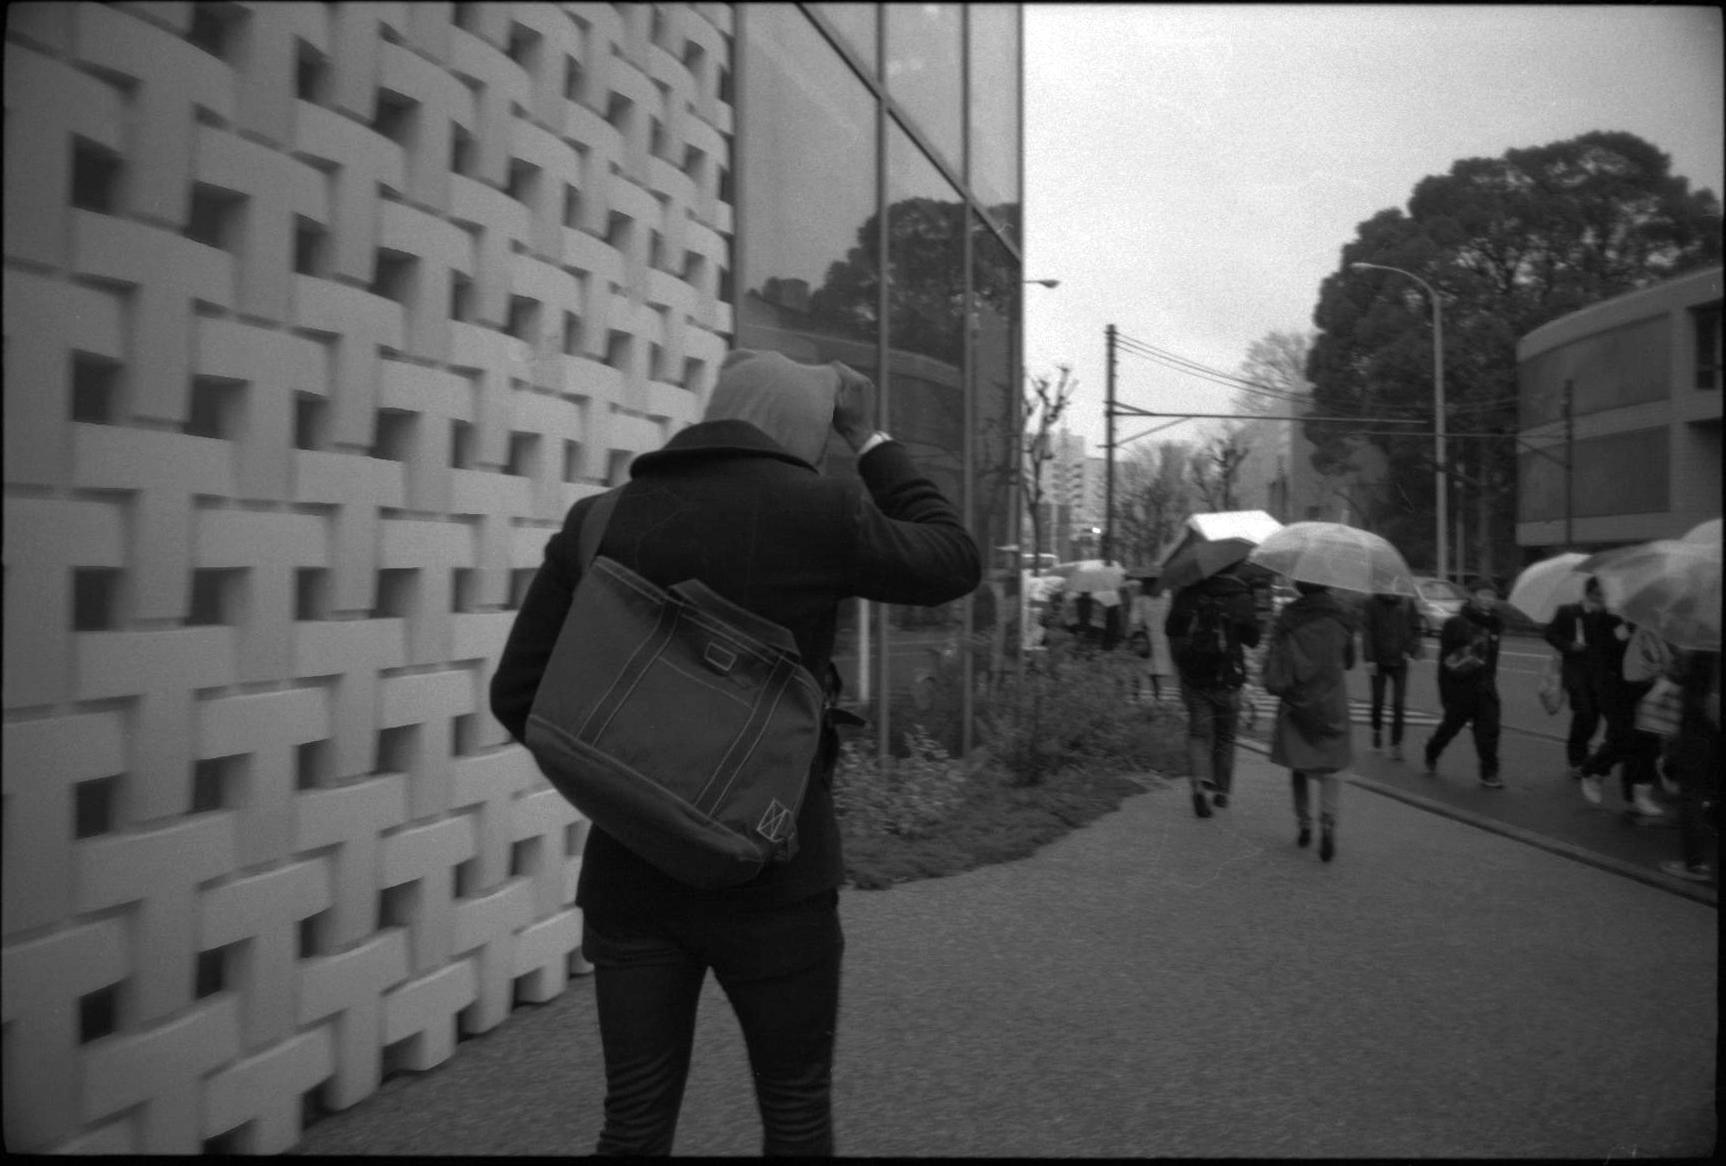 20140130 LeicaM4-P Canon25 TMX T-maxDev 008